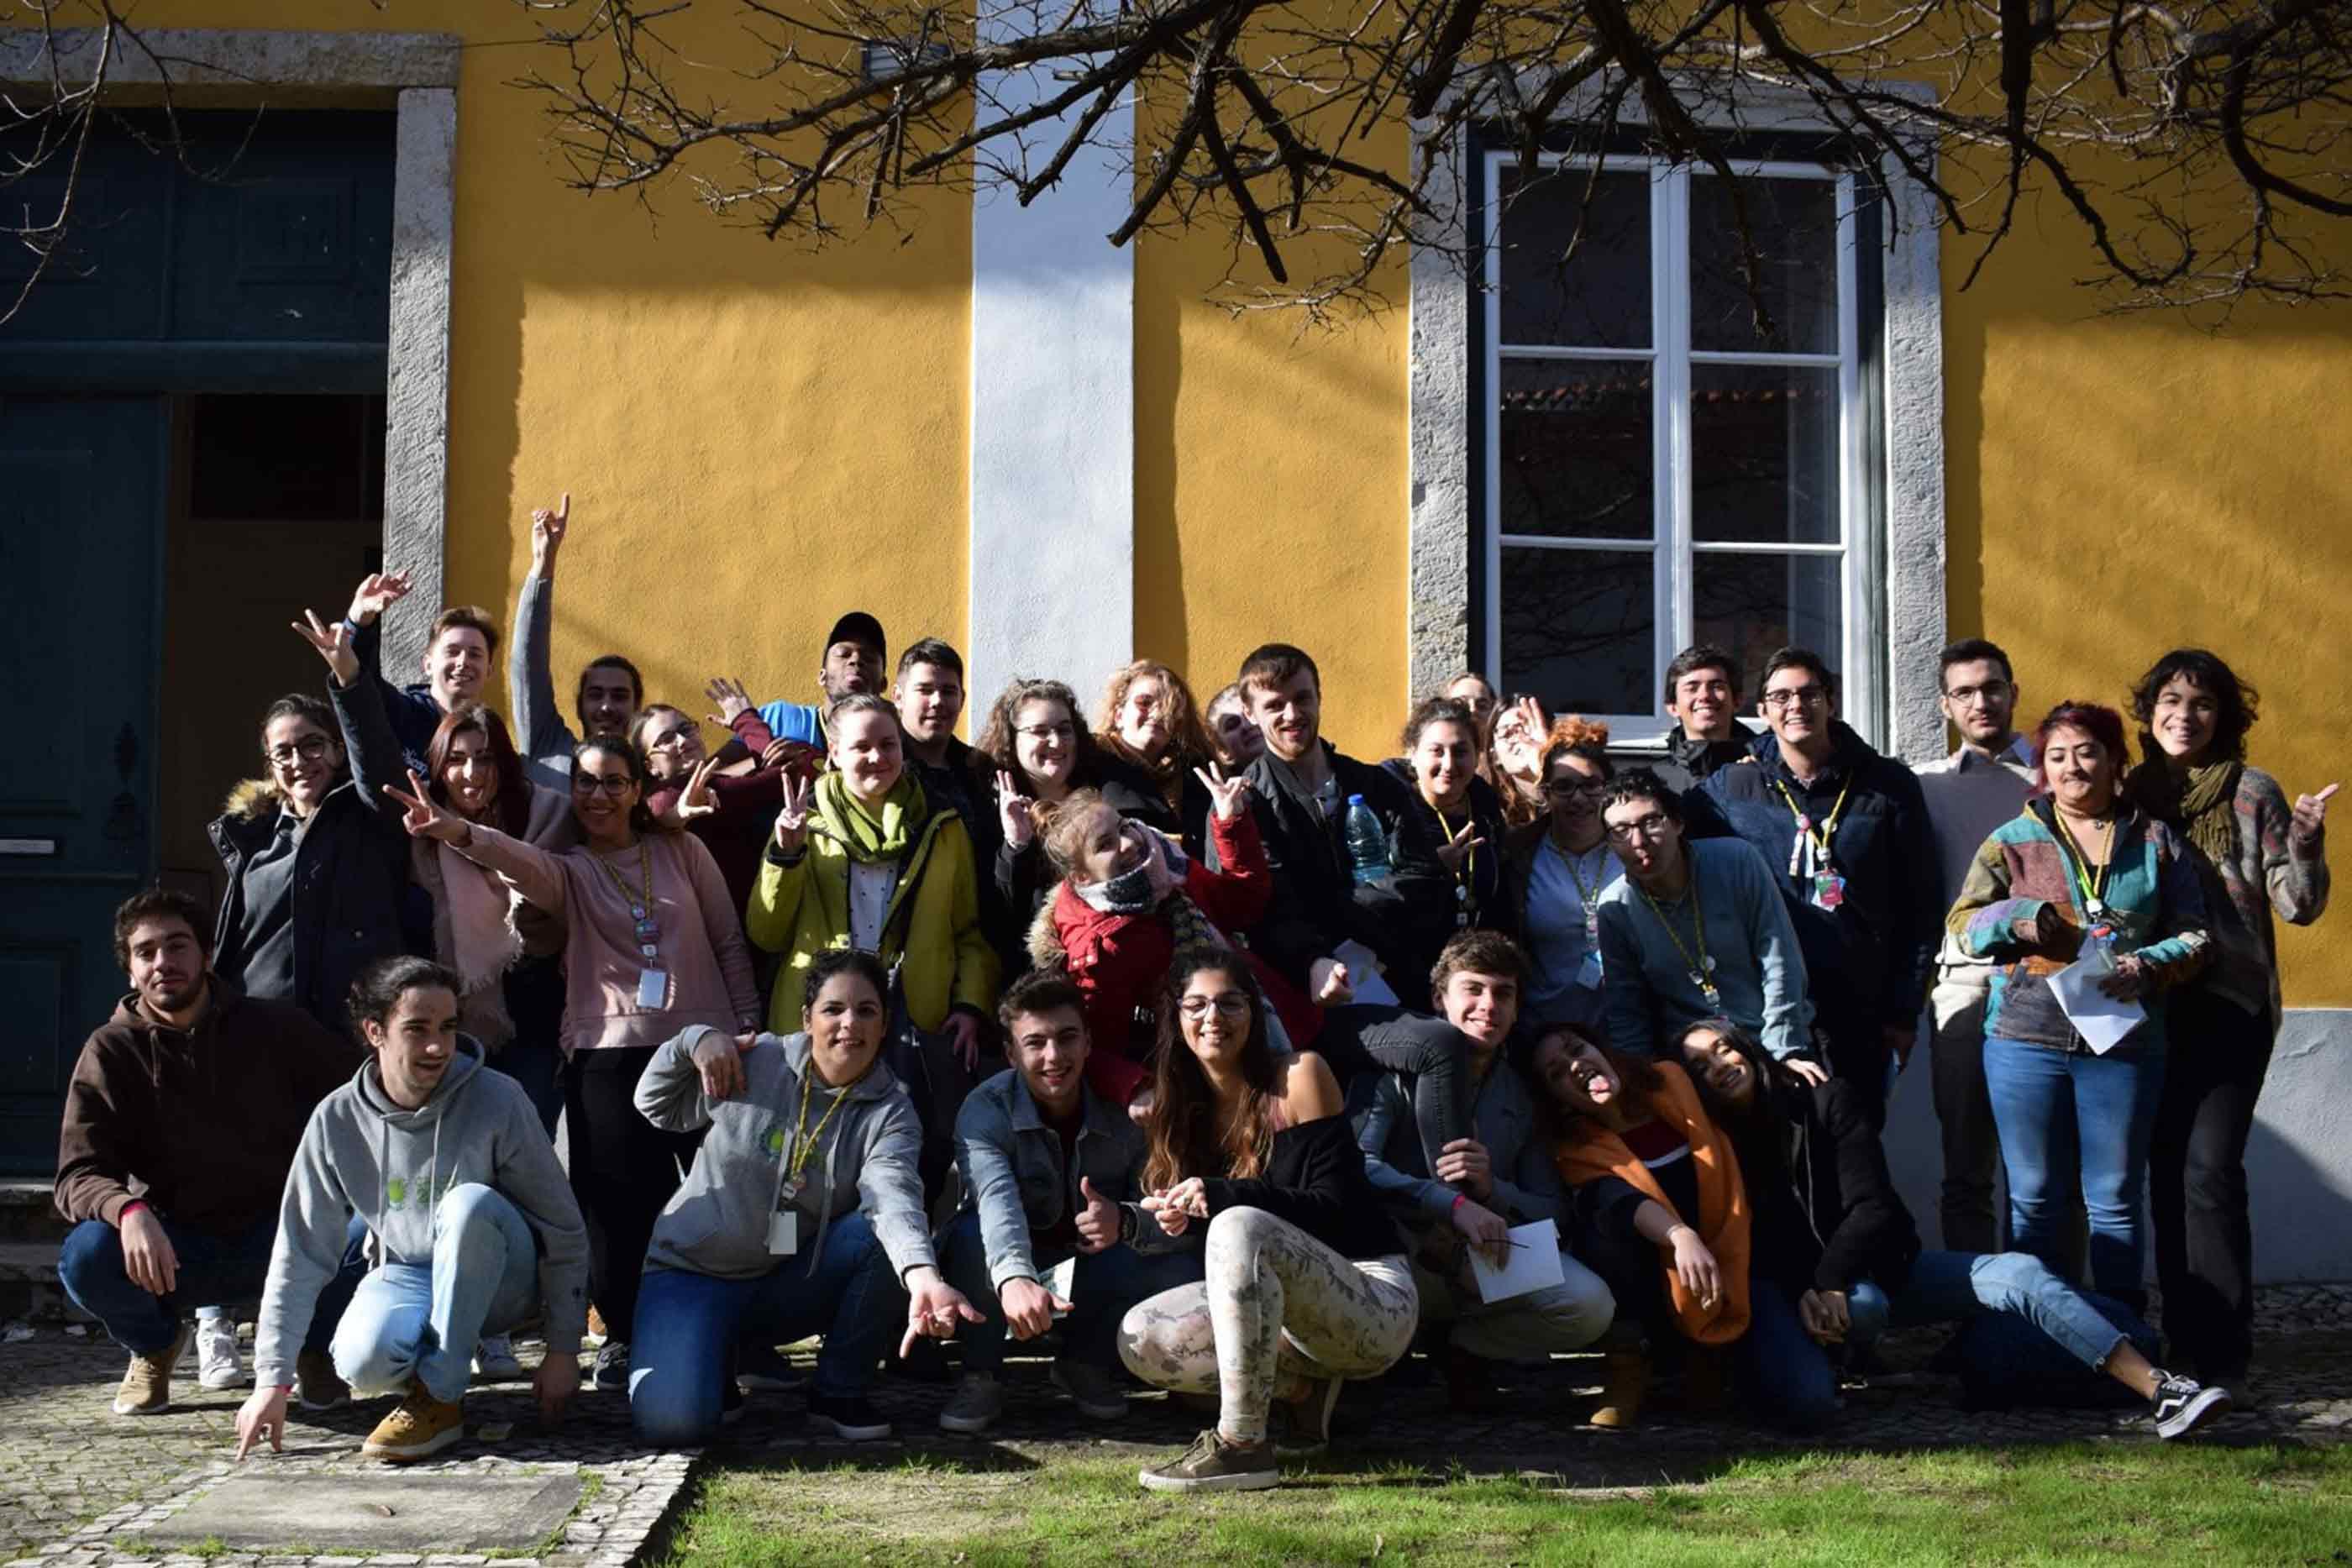 Fotografia do grupo de jovens no exterior de um edificio amarelo.